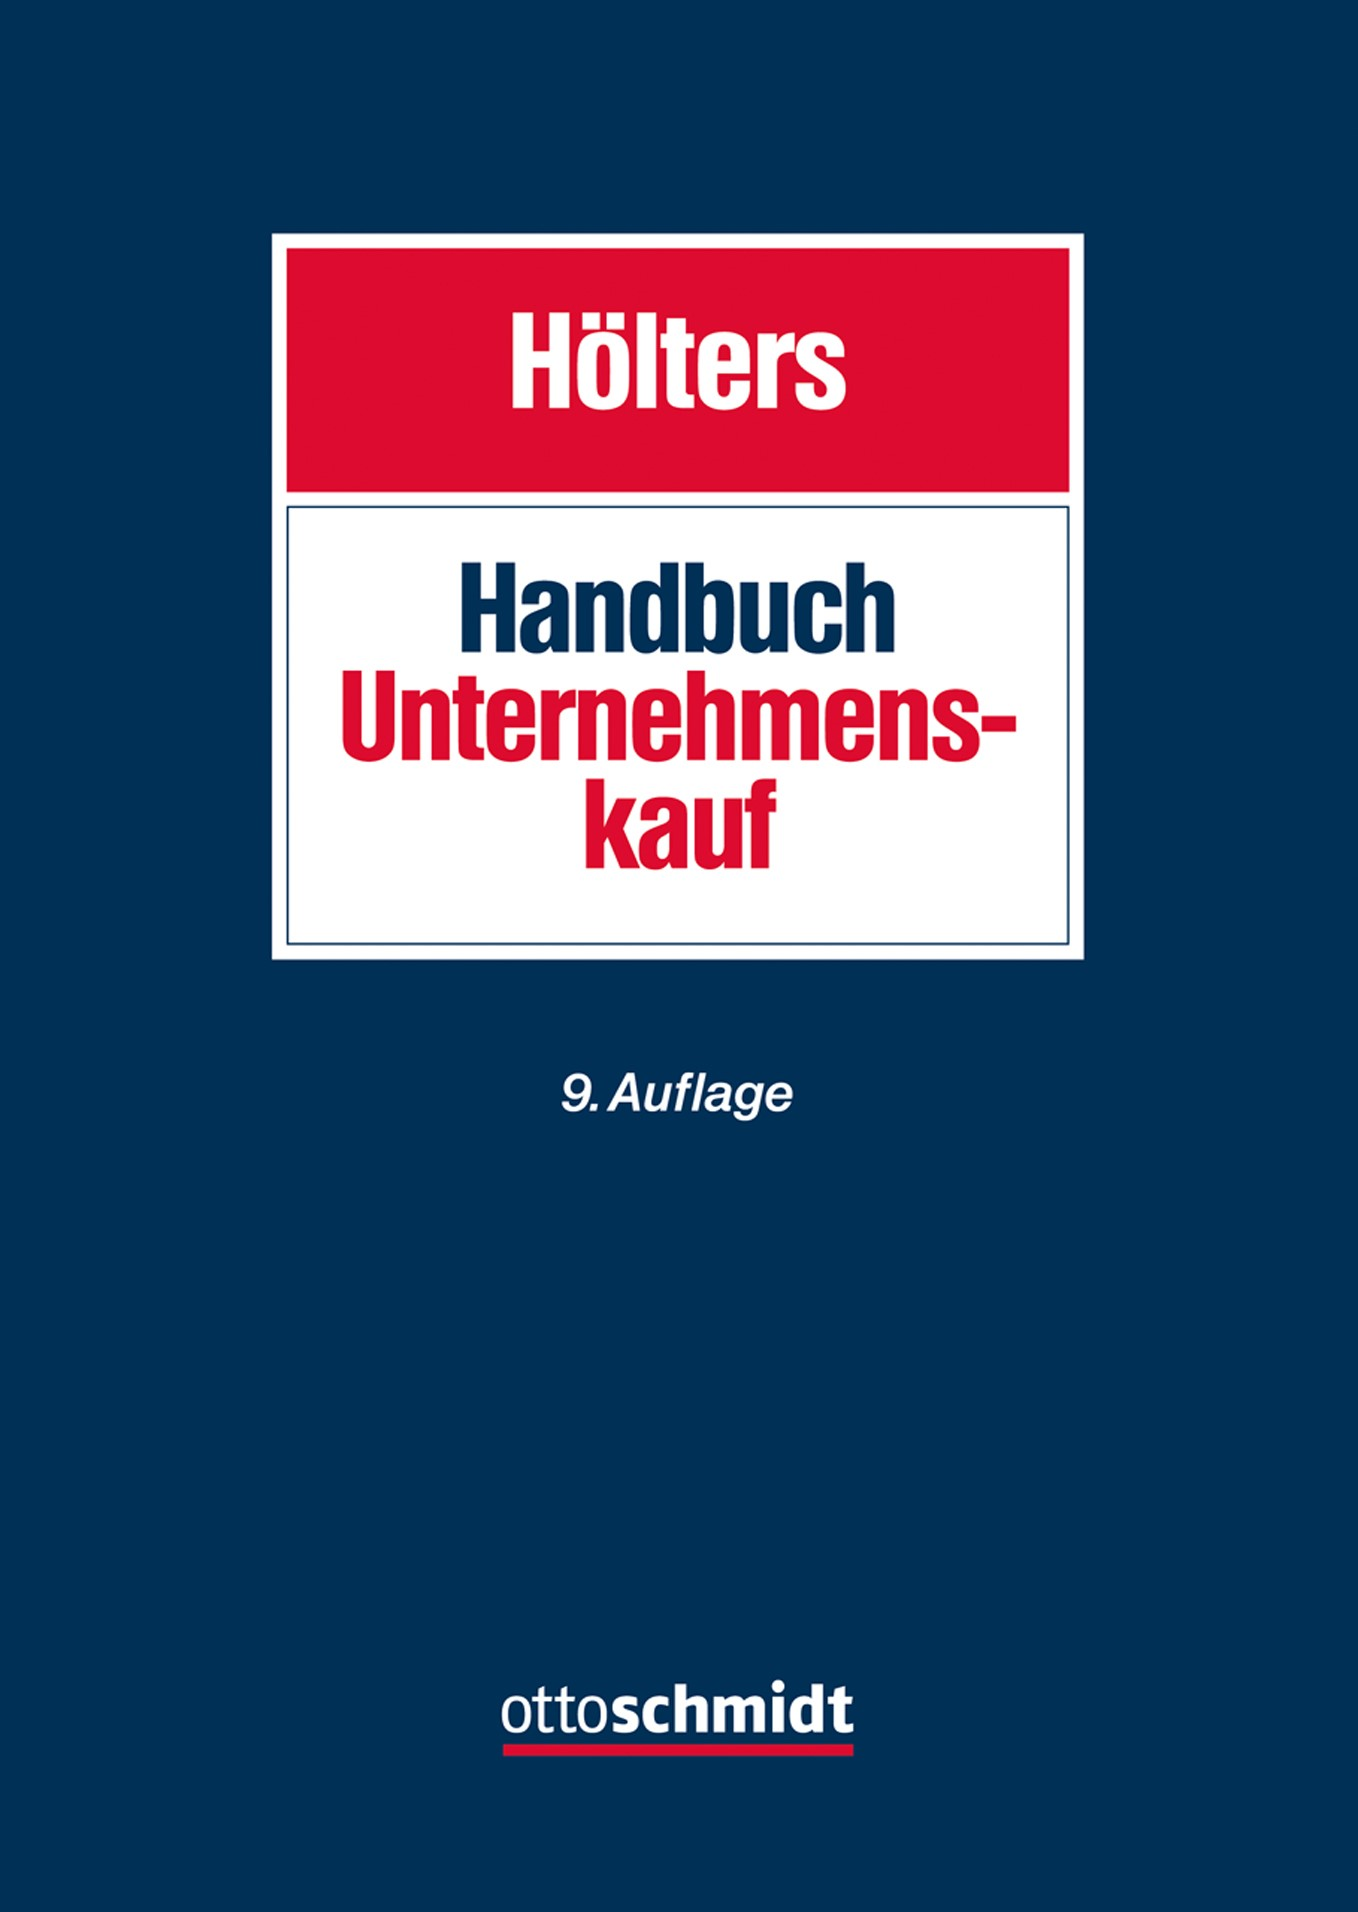 Handbuch Unternehmenskauf   Hölters (Hrsg.)   9., neu bearbeitete Auflage, 2018   Buch (Cover)